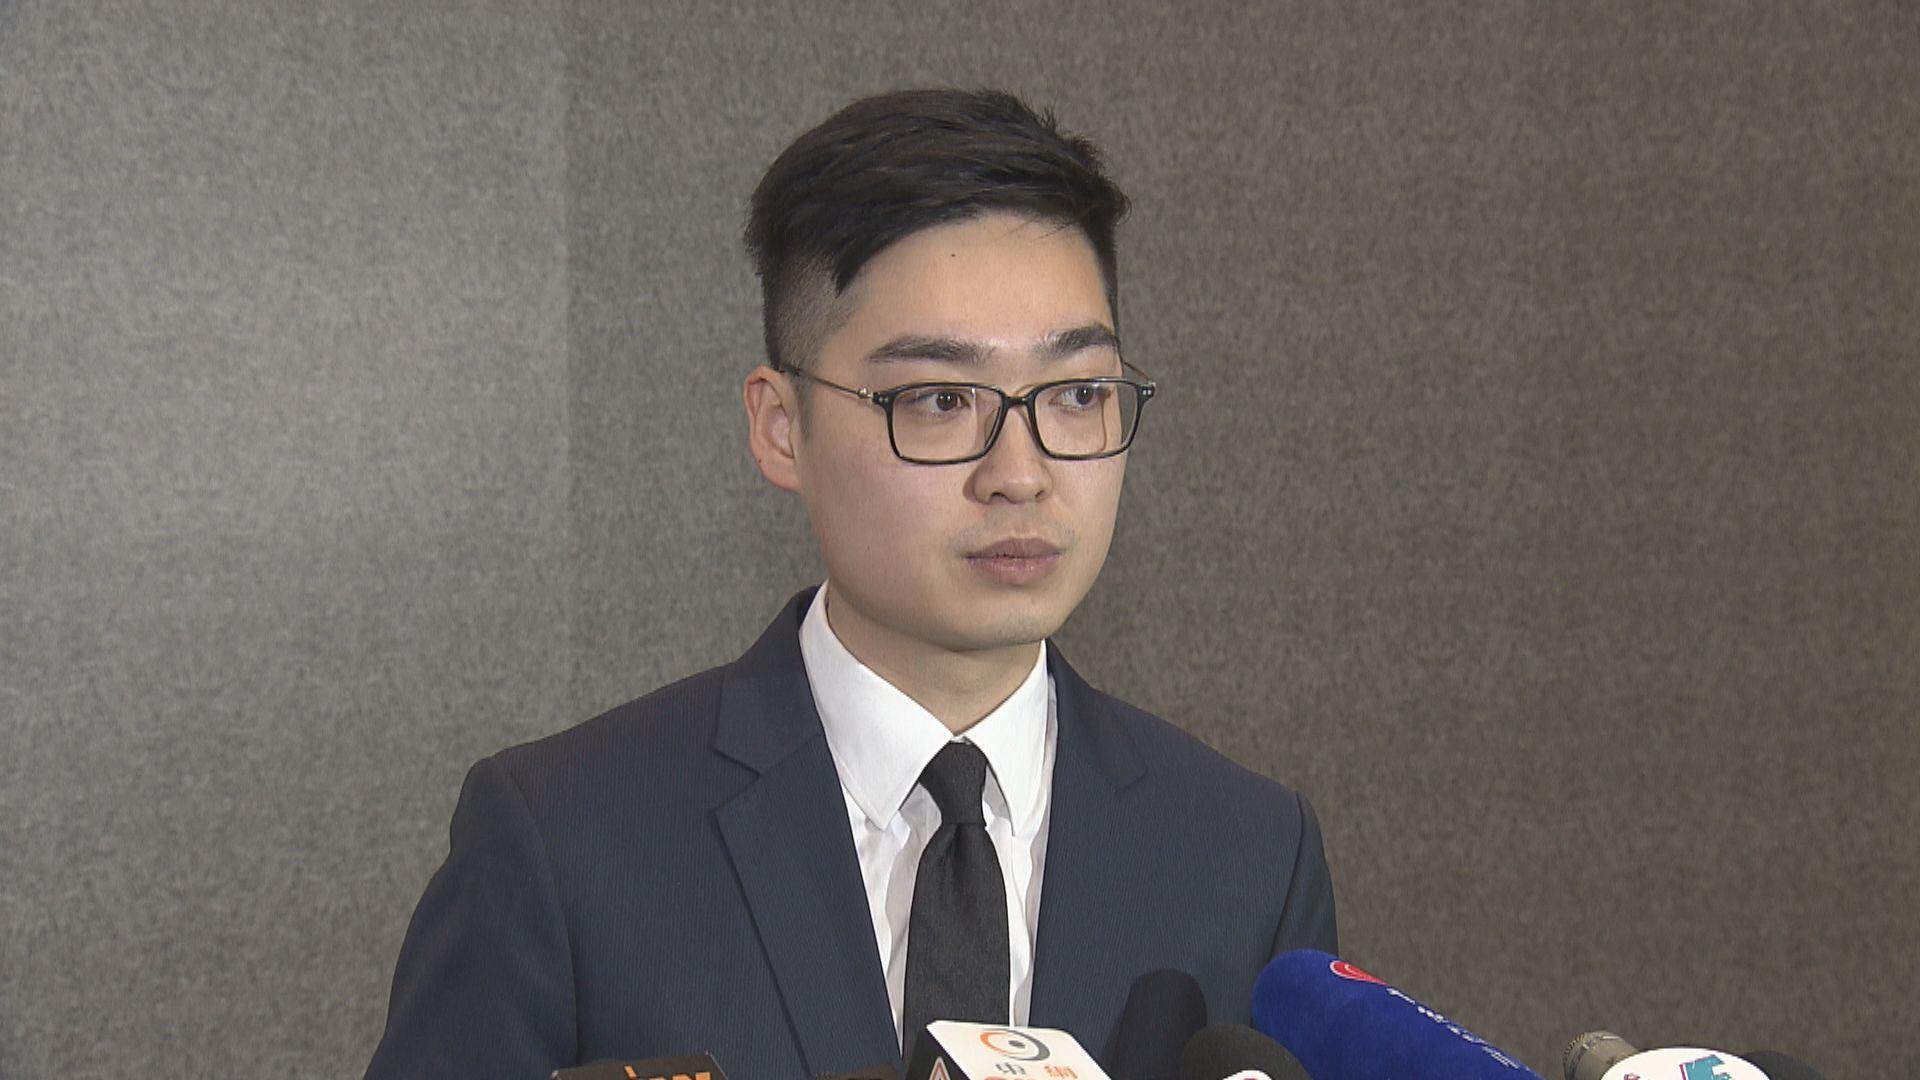 陳浩天被起訴非法集結和襲警明天提堂